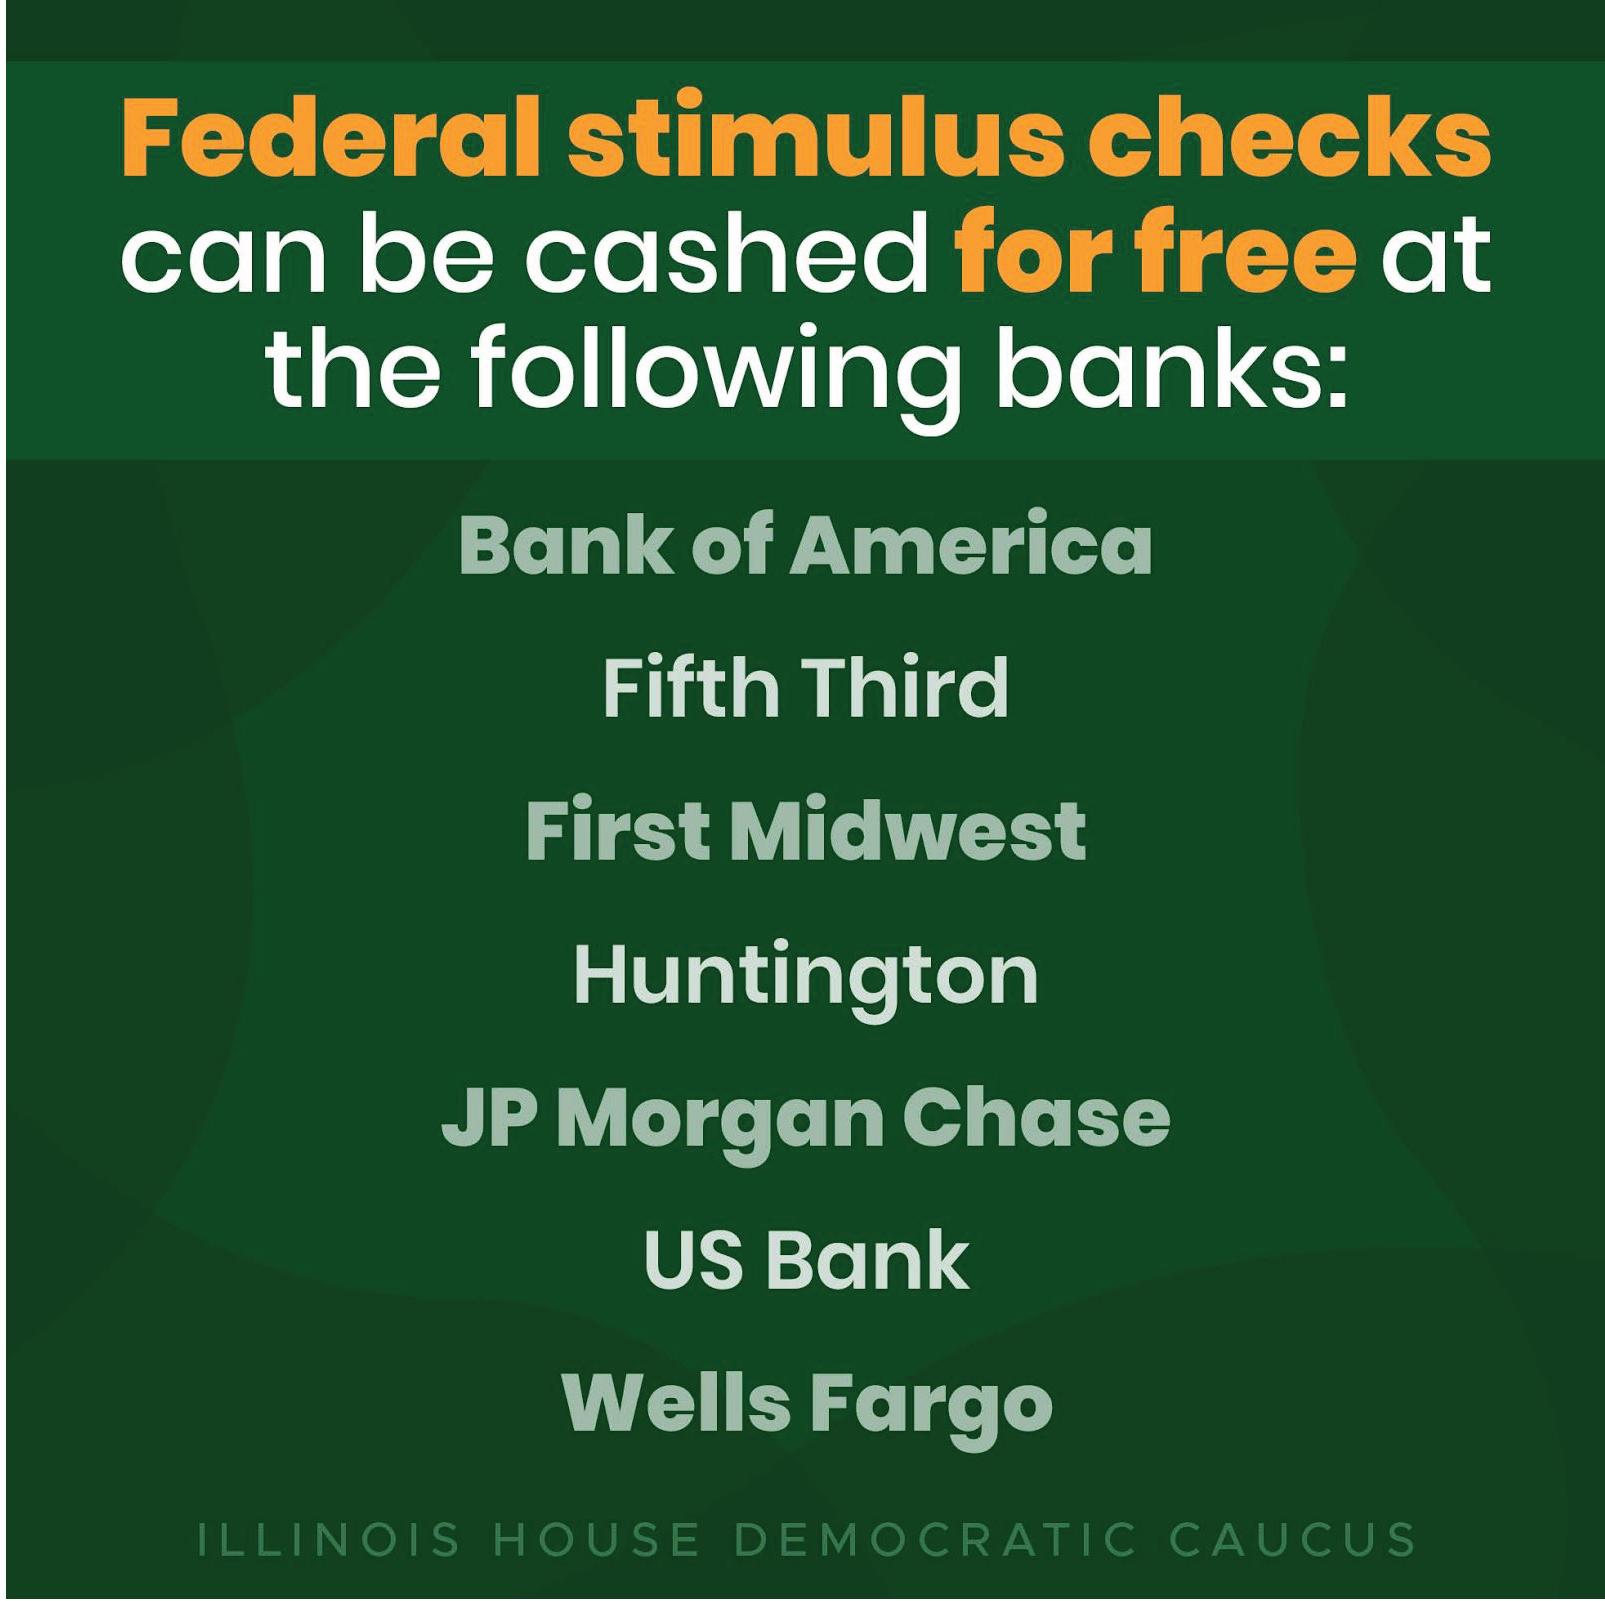 COVID-19 RELIEF: Federal Stimulus Checks